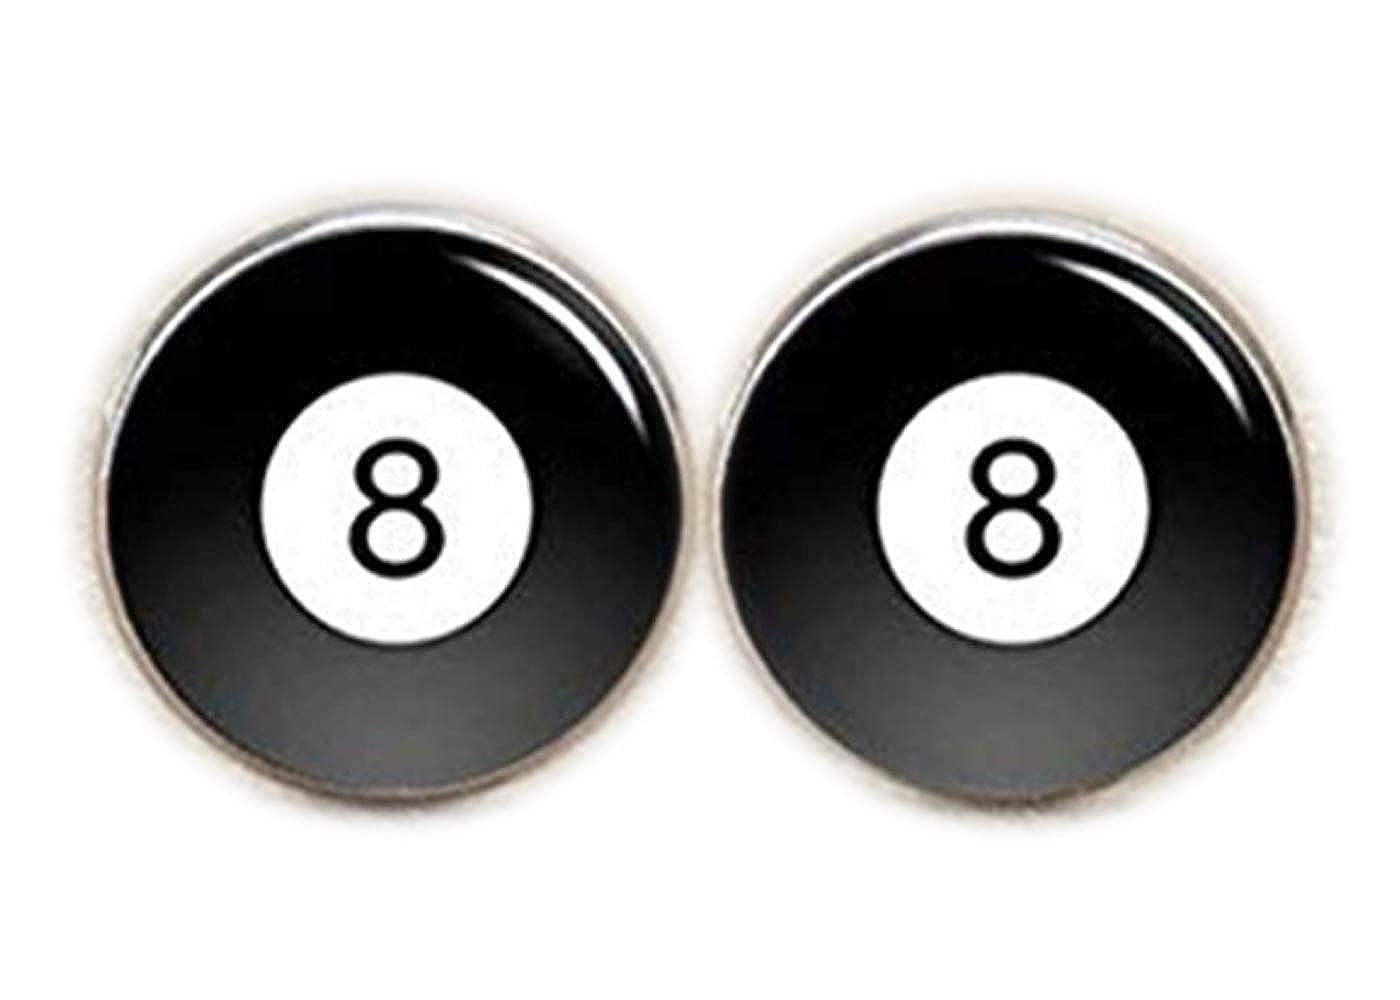 Gemelos de billar, bola de billar Gemelos de 10, número 8 piscina ...